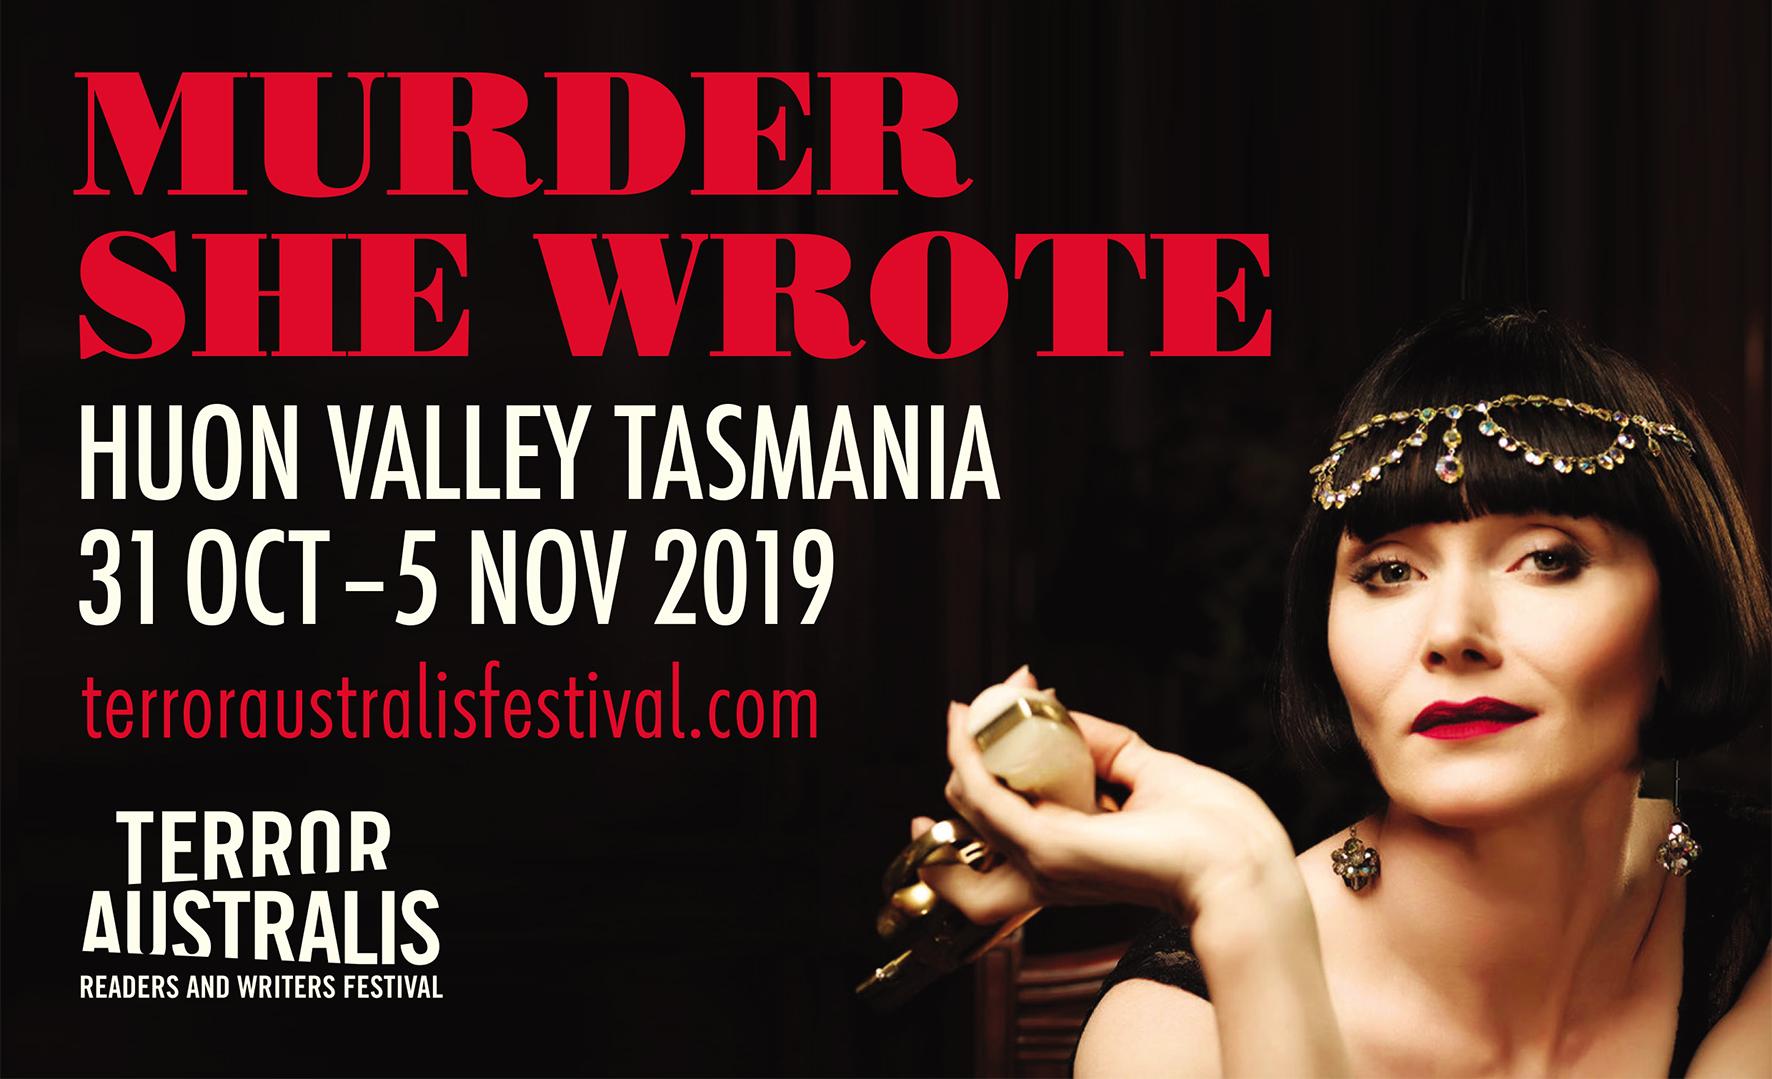 Murder She Wrote Festival